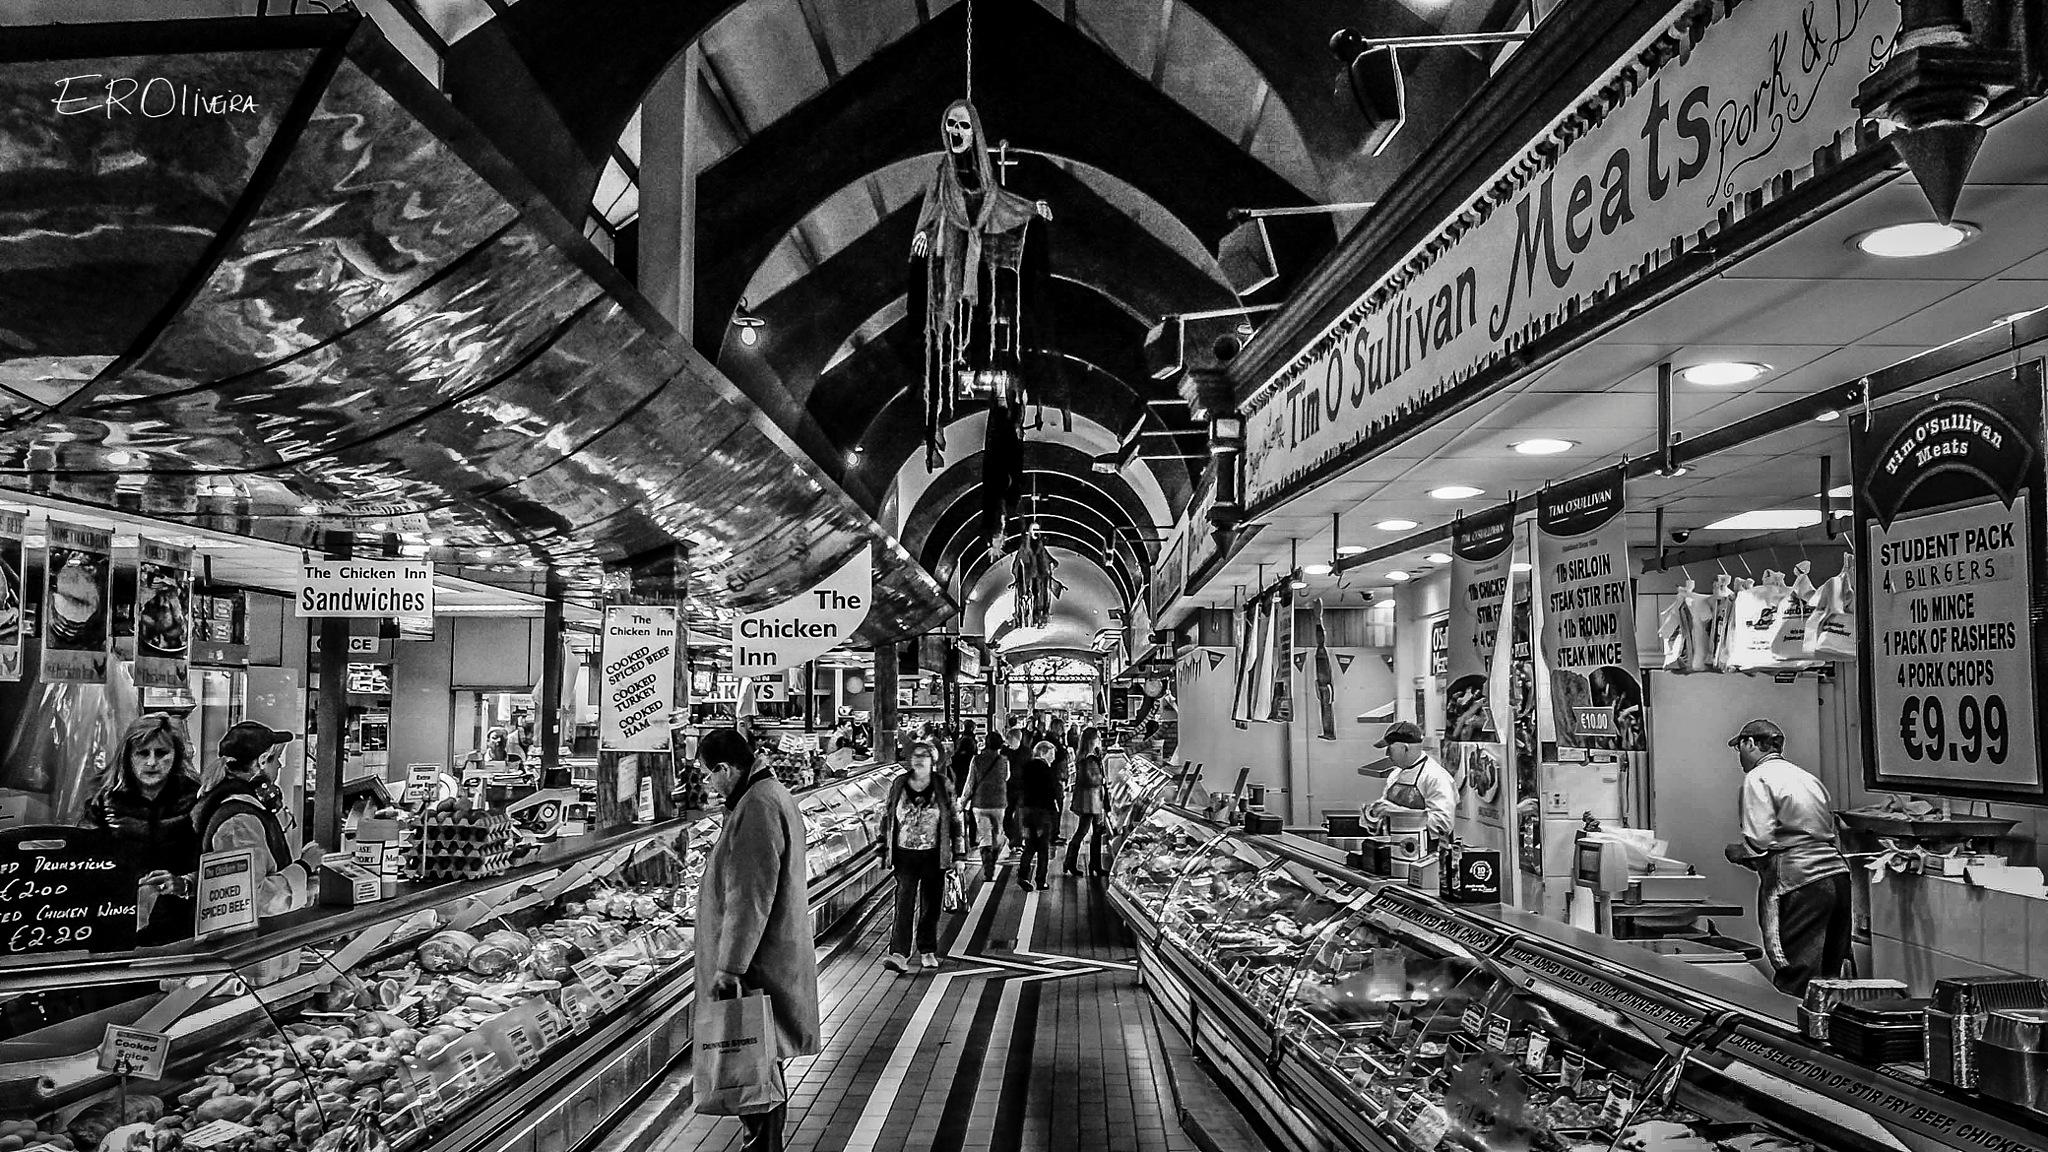 English Market by EROliveira